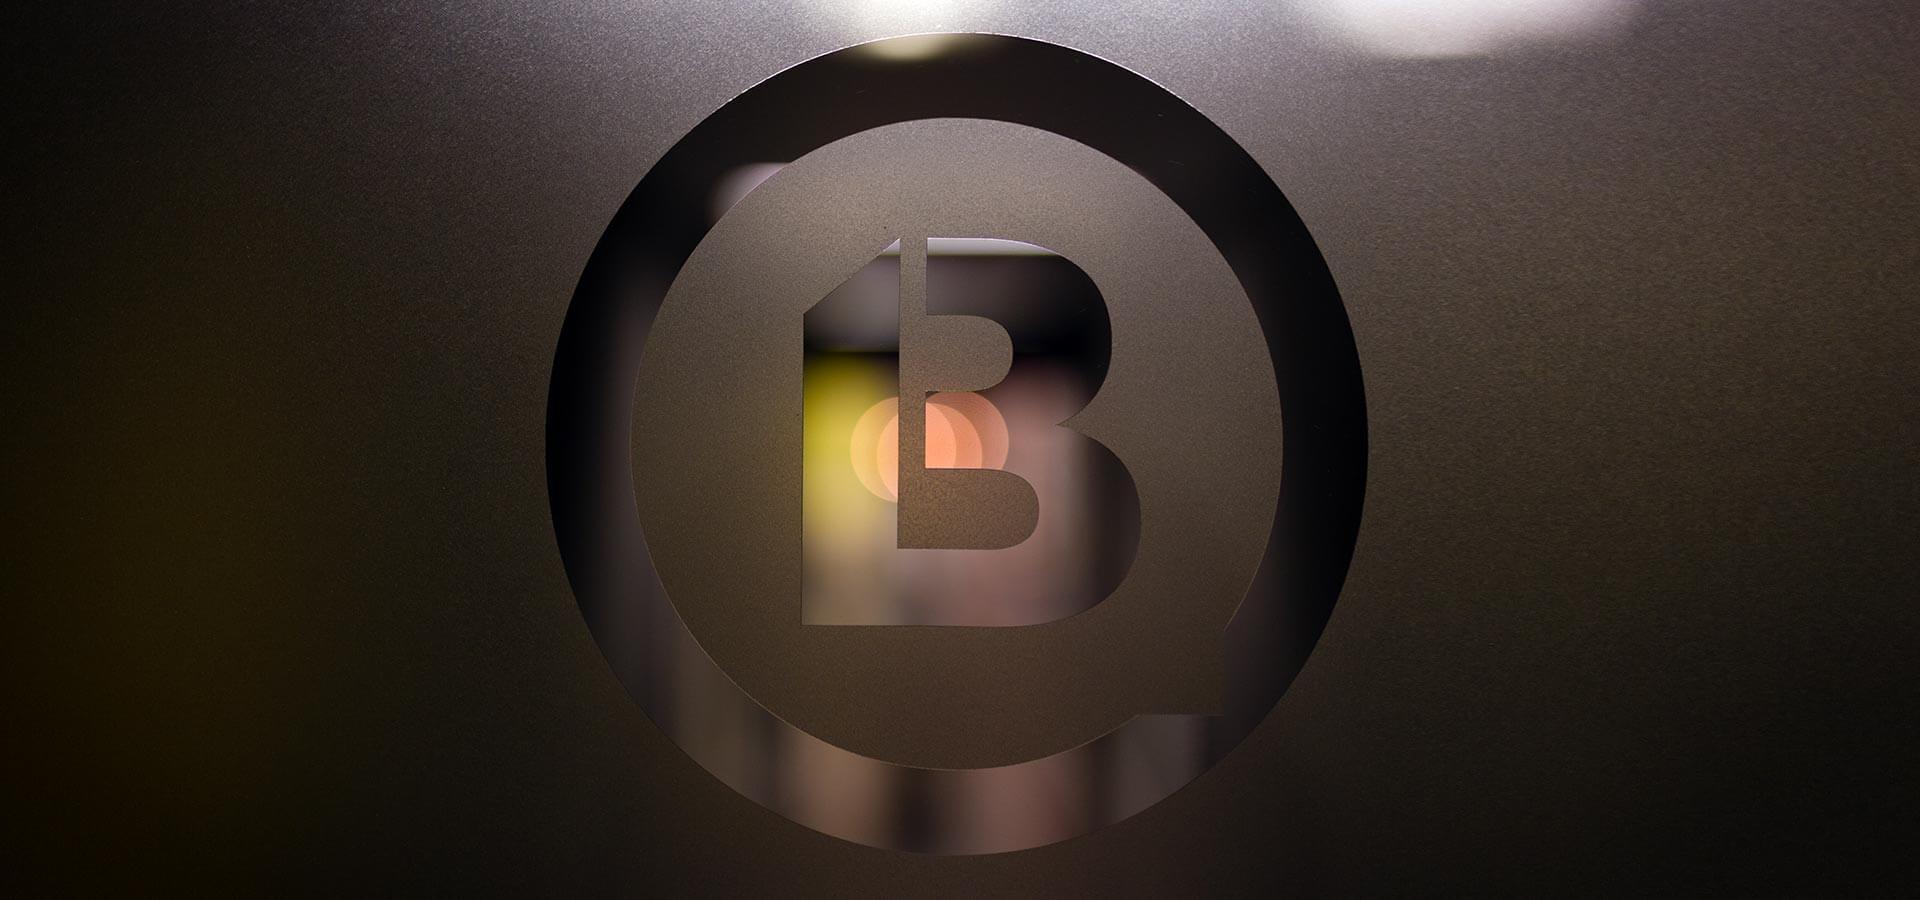 b13 - erfrischende Online Kommunikation mit Gespür für Kunde und ...